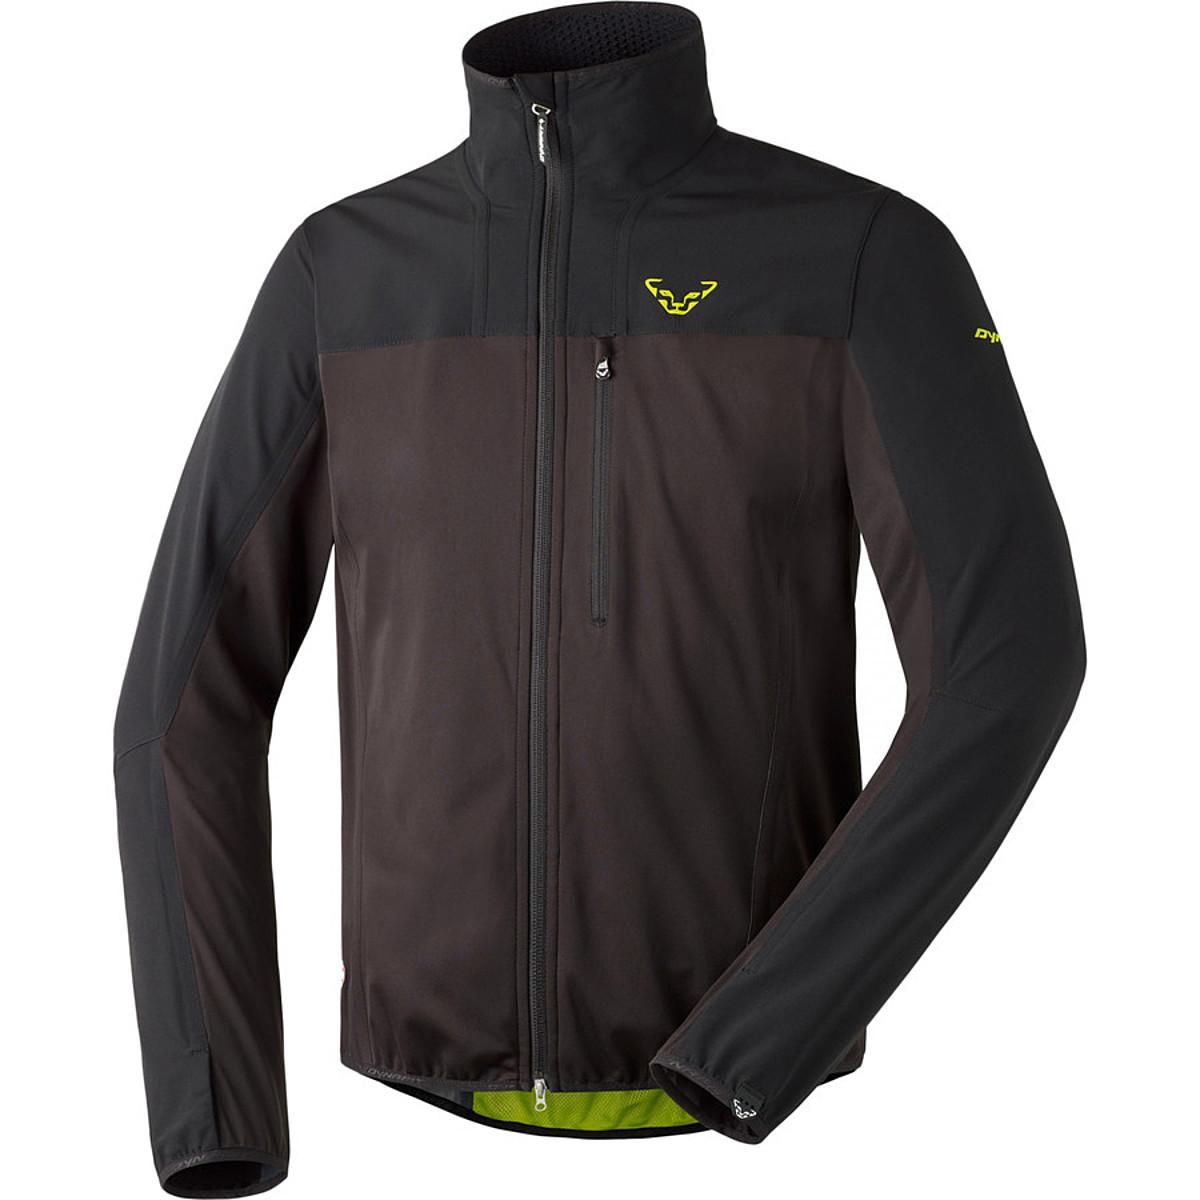 Dynafit Racing 2.0 Windstopper Jacket